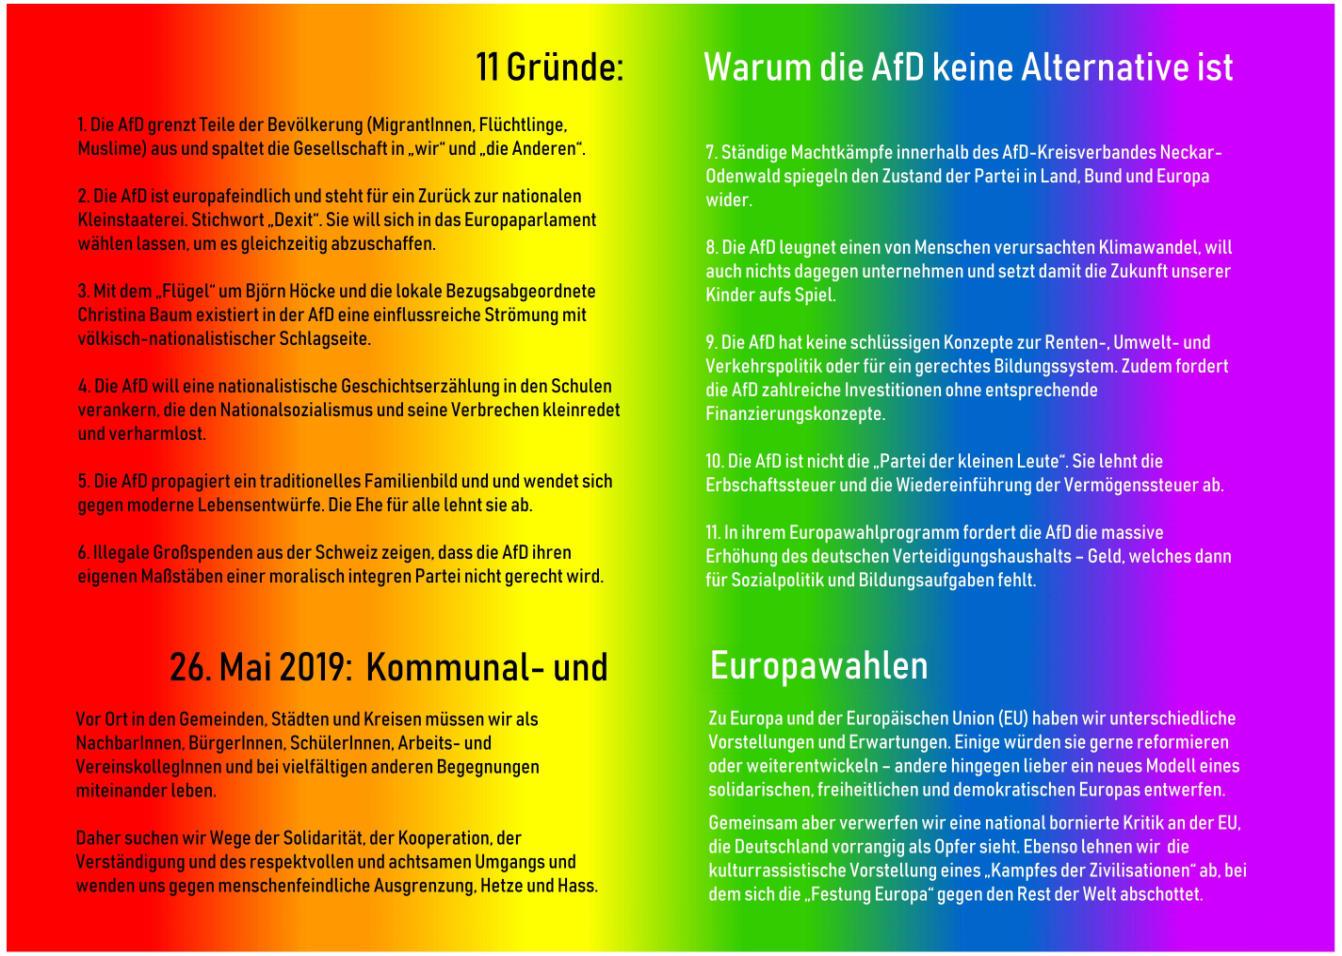 11 Gründe die AfD nicht zu wählen